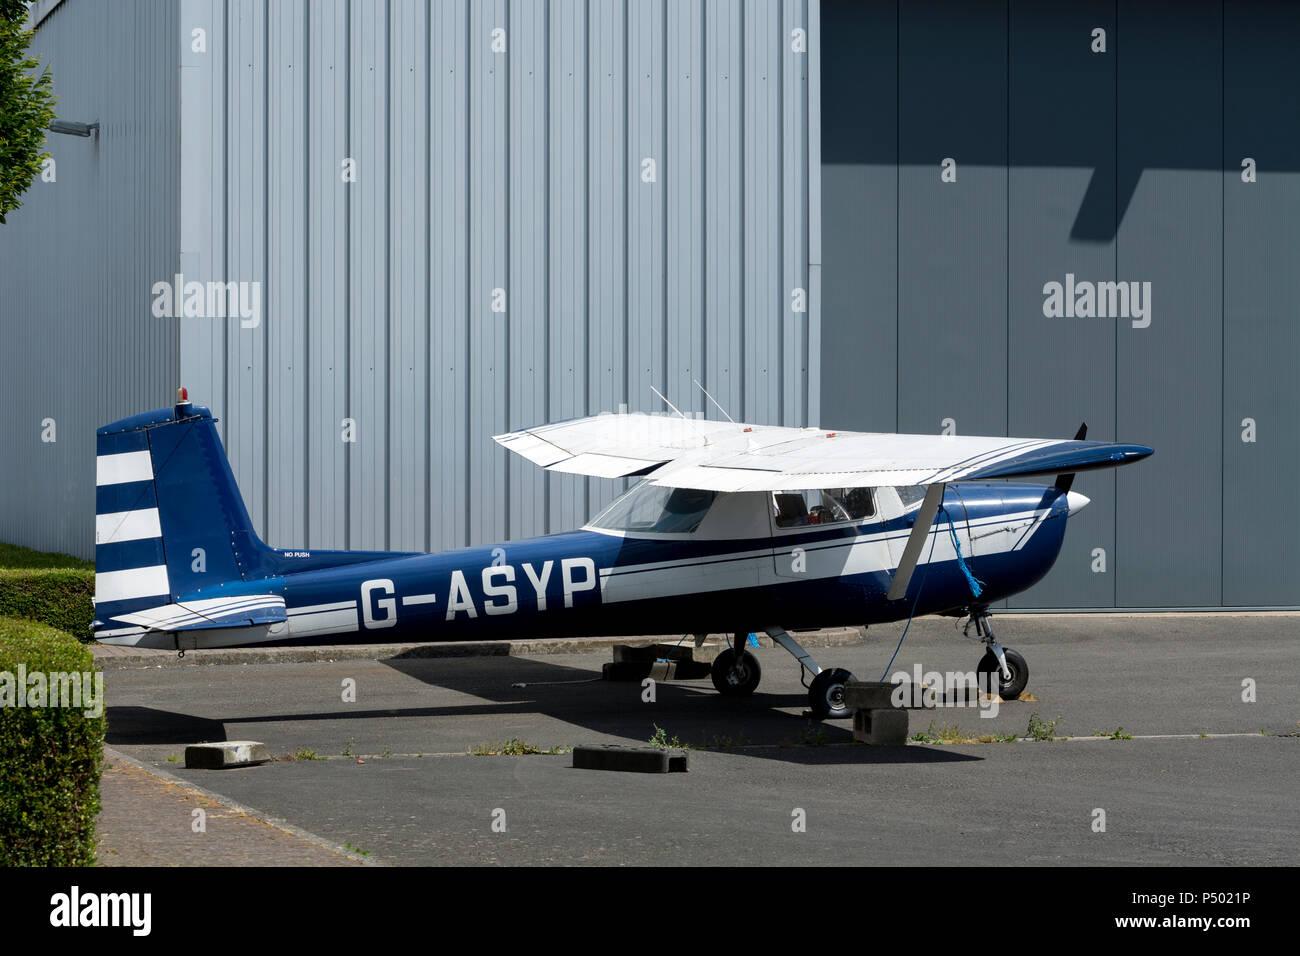 Cessna 150E at Turweston Aerodrome, Buckinghamshire, UK (G-ASYP) - Stock Image